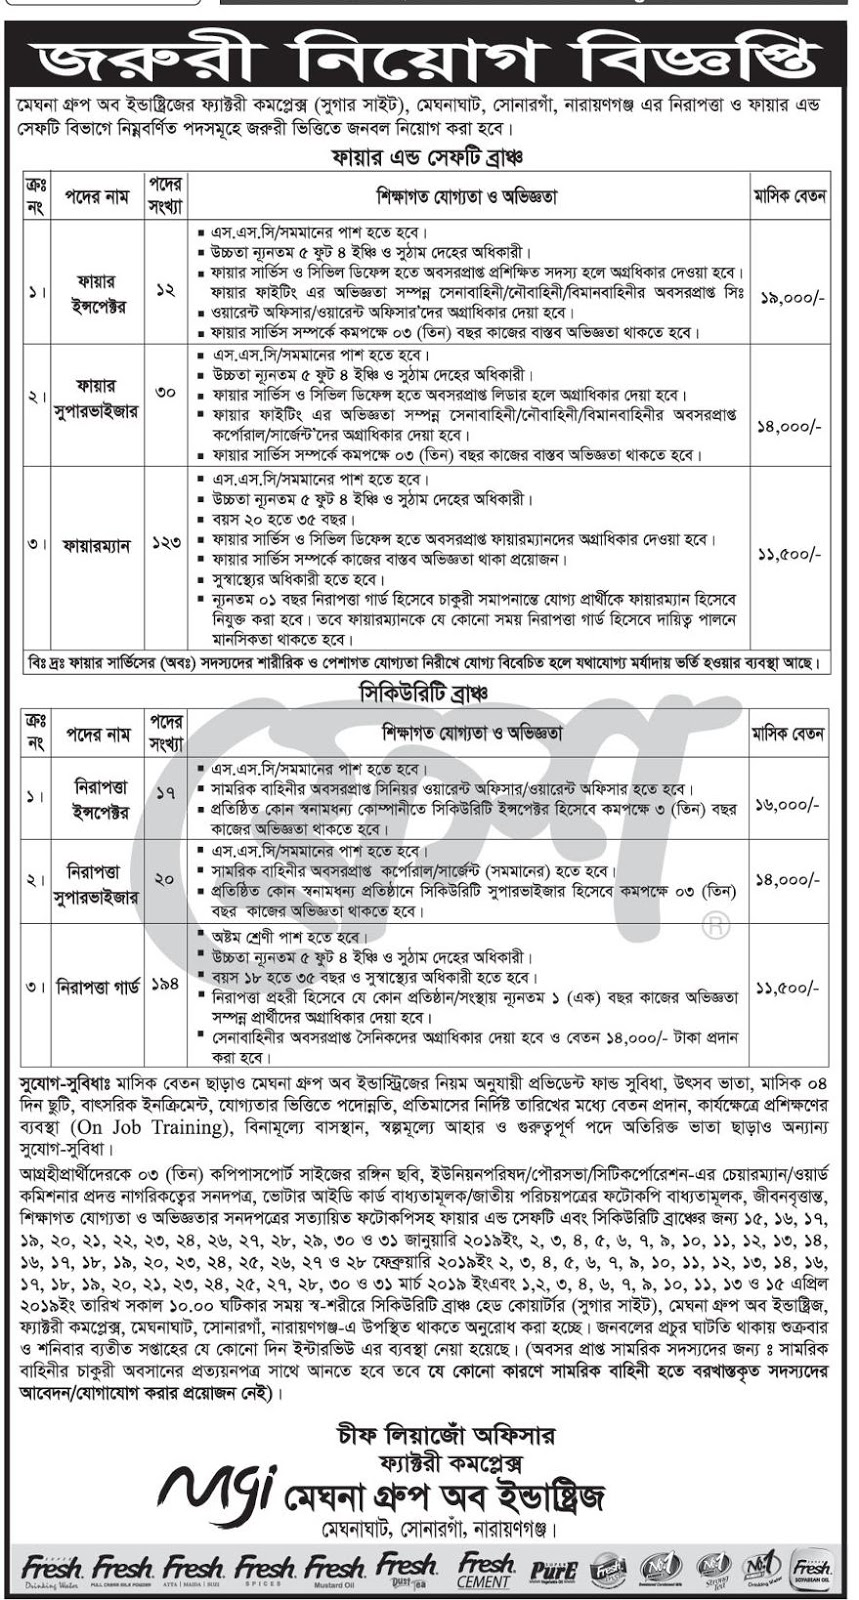 Meghna Group of Industries (MGI) Job Circular 2019